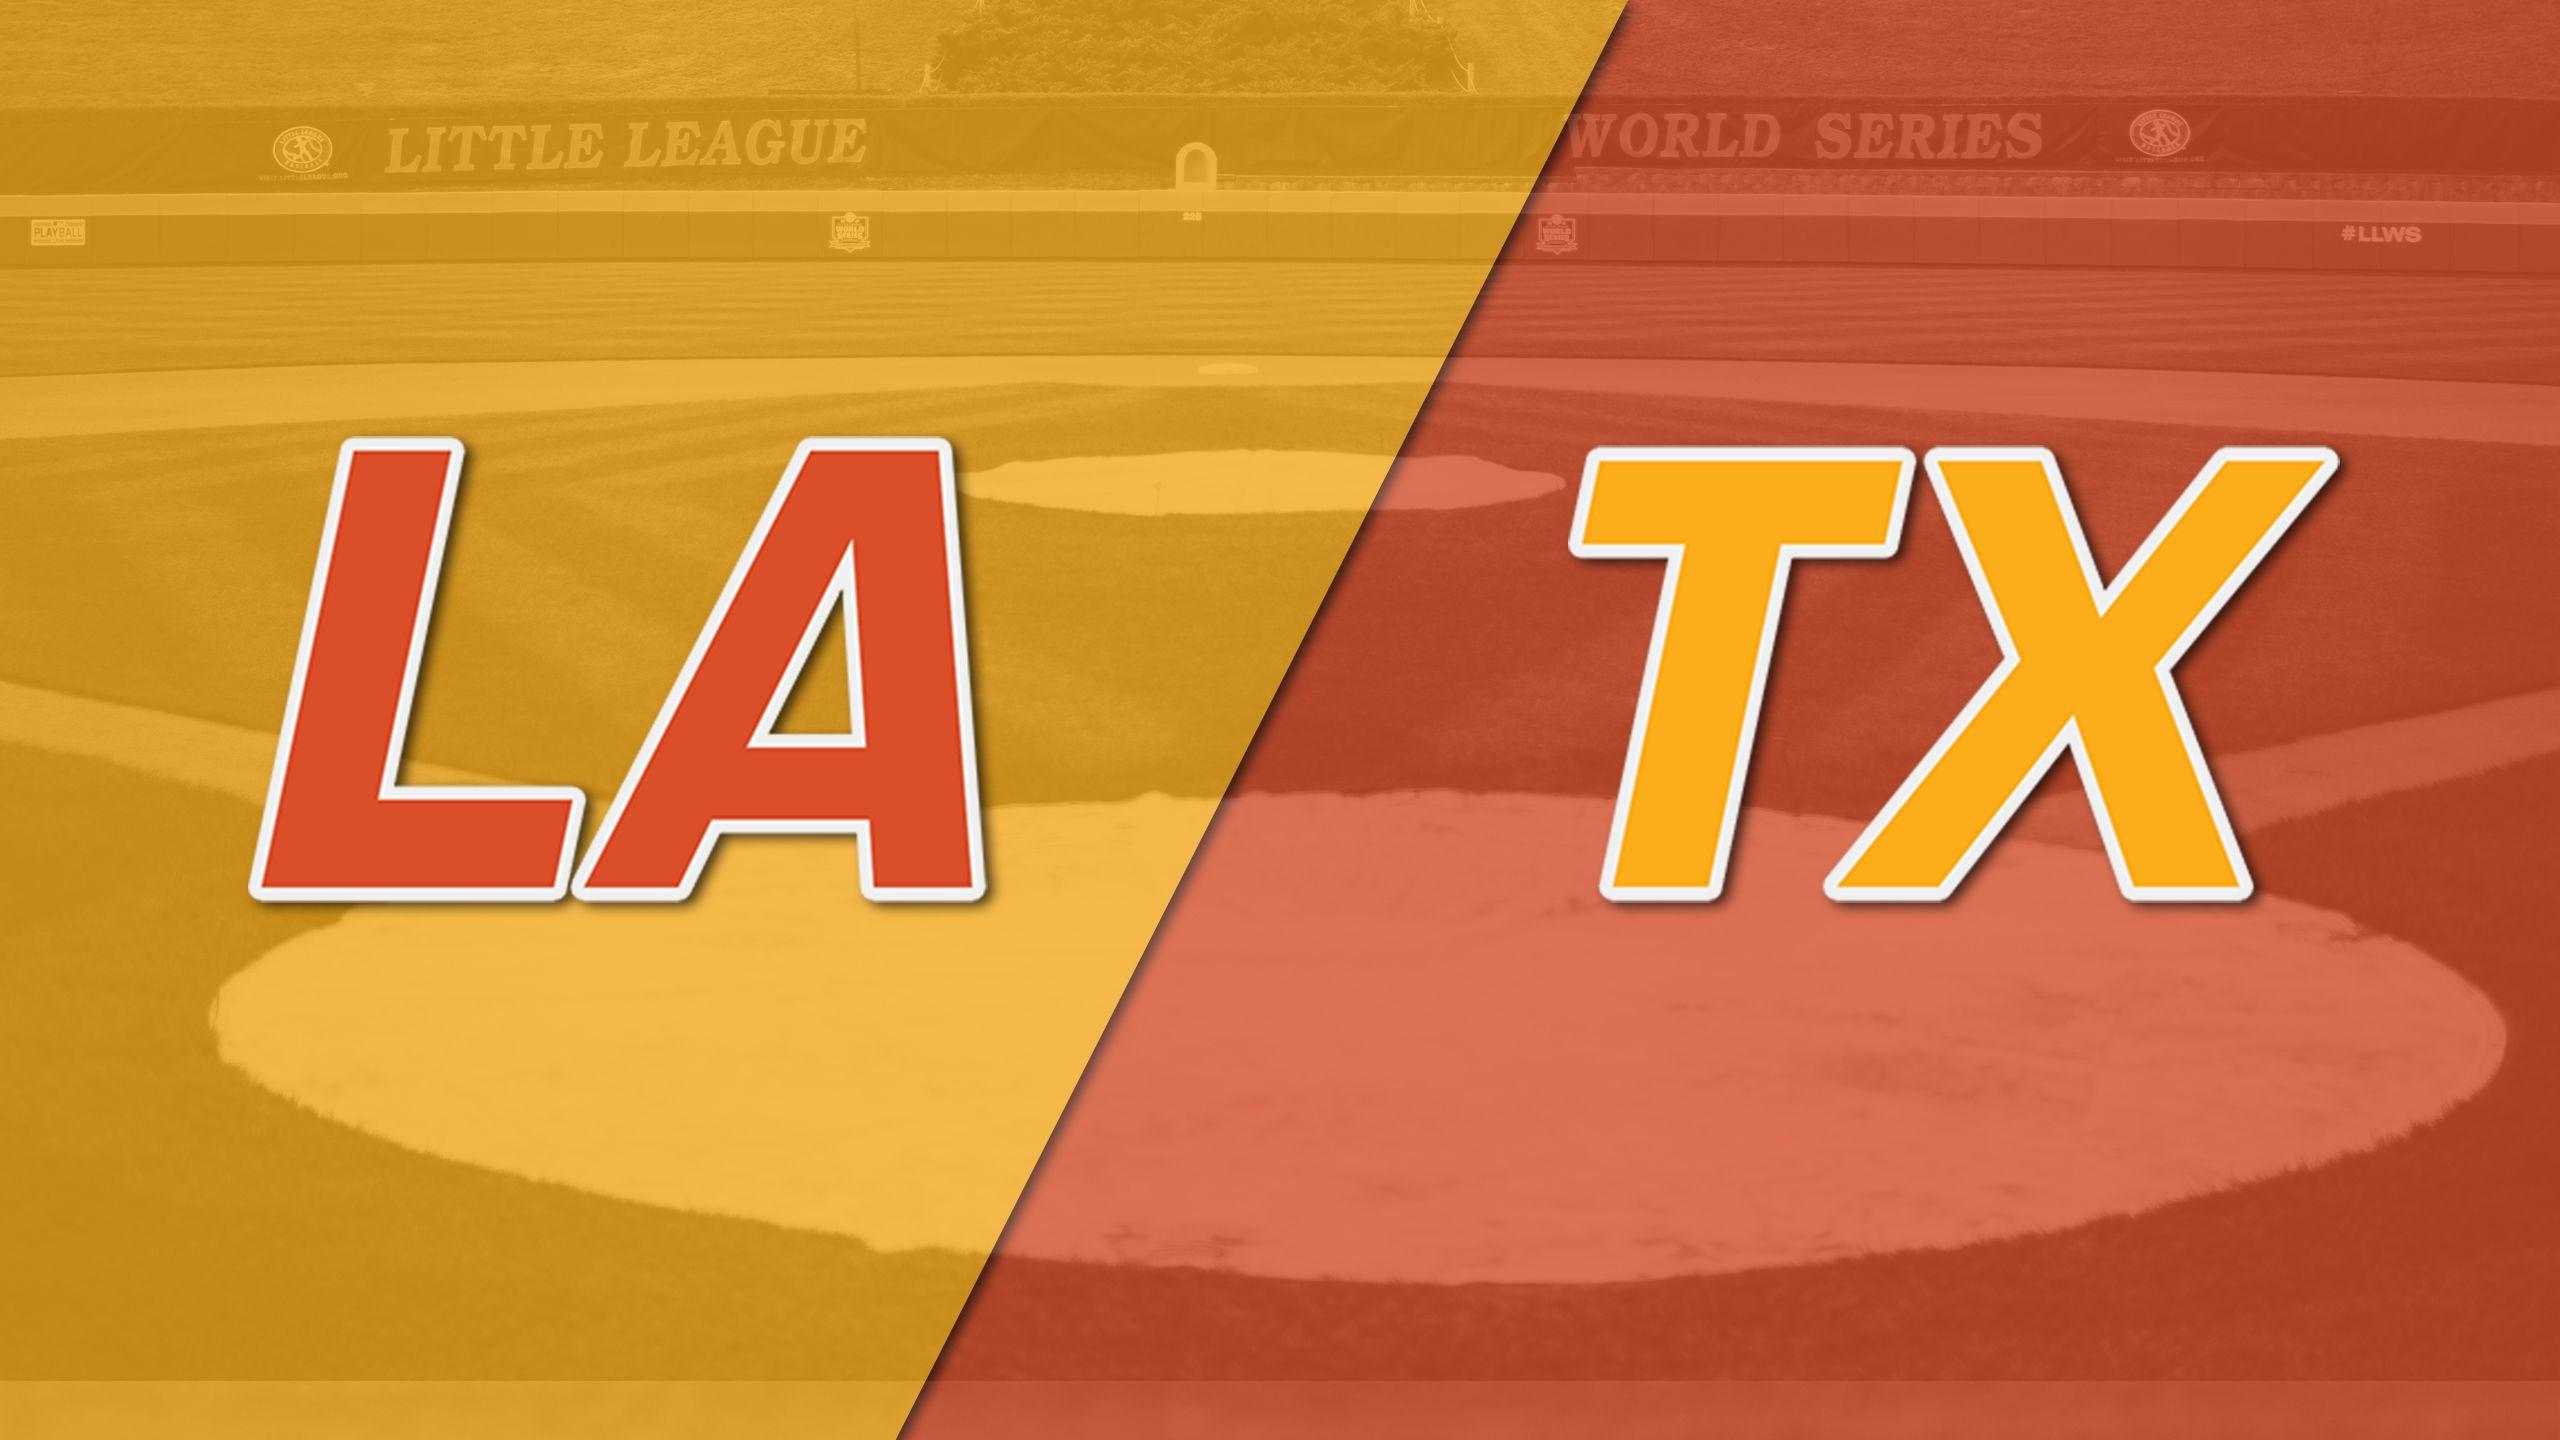 River Ridge, LA vs. San Antonio, Texas (Southwest Regional Semifinal #2)